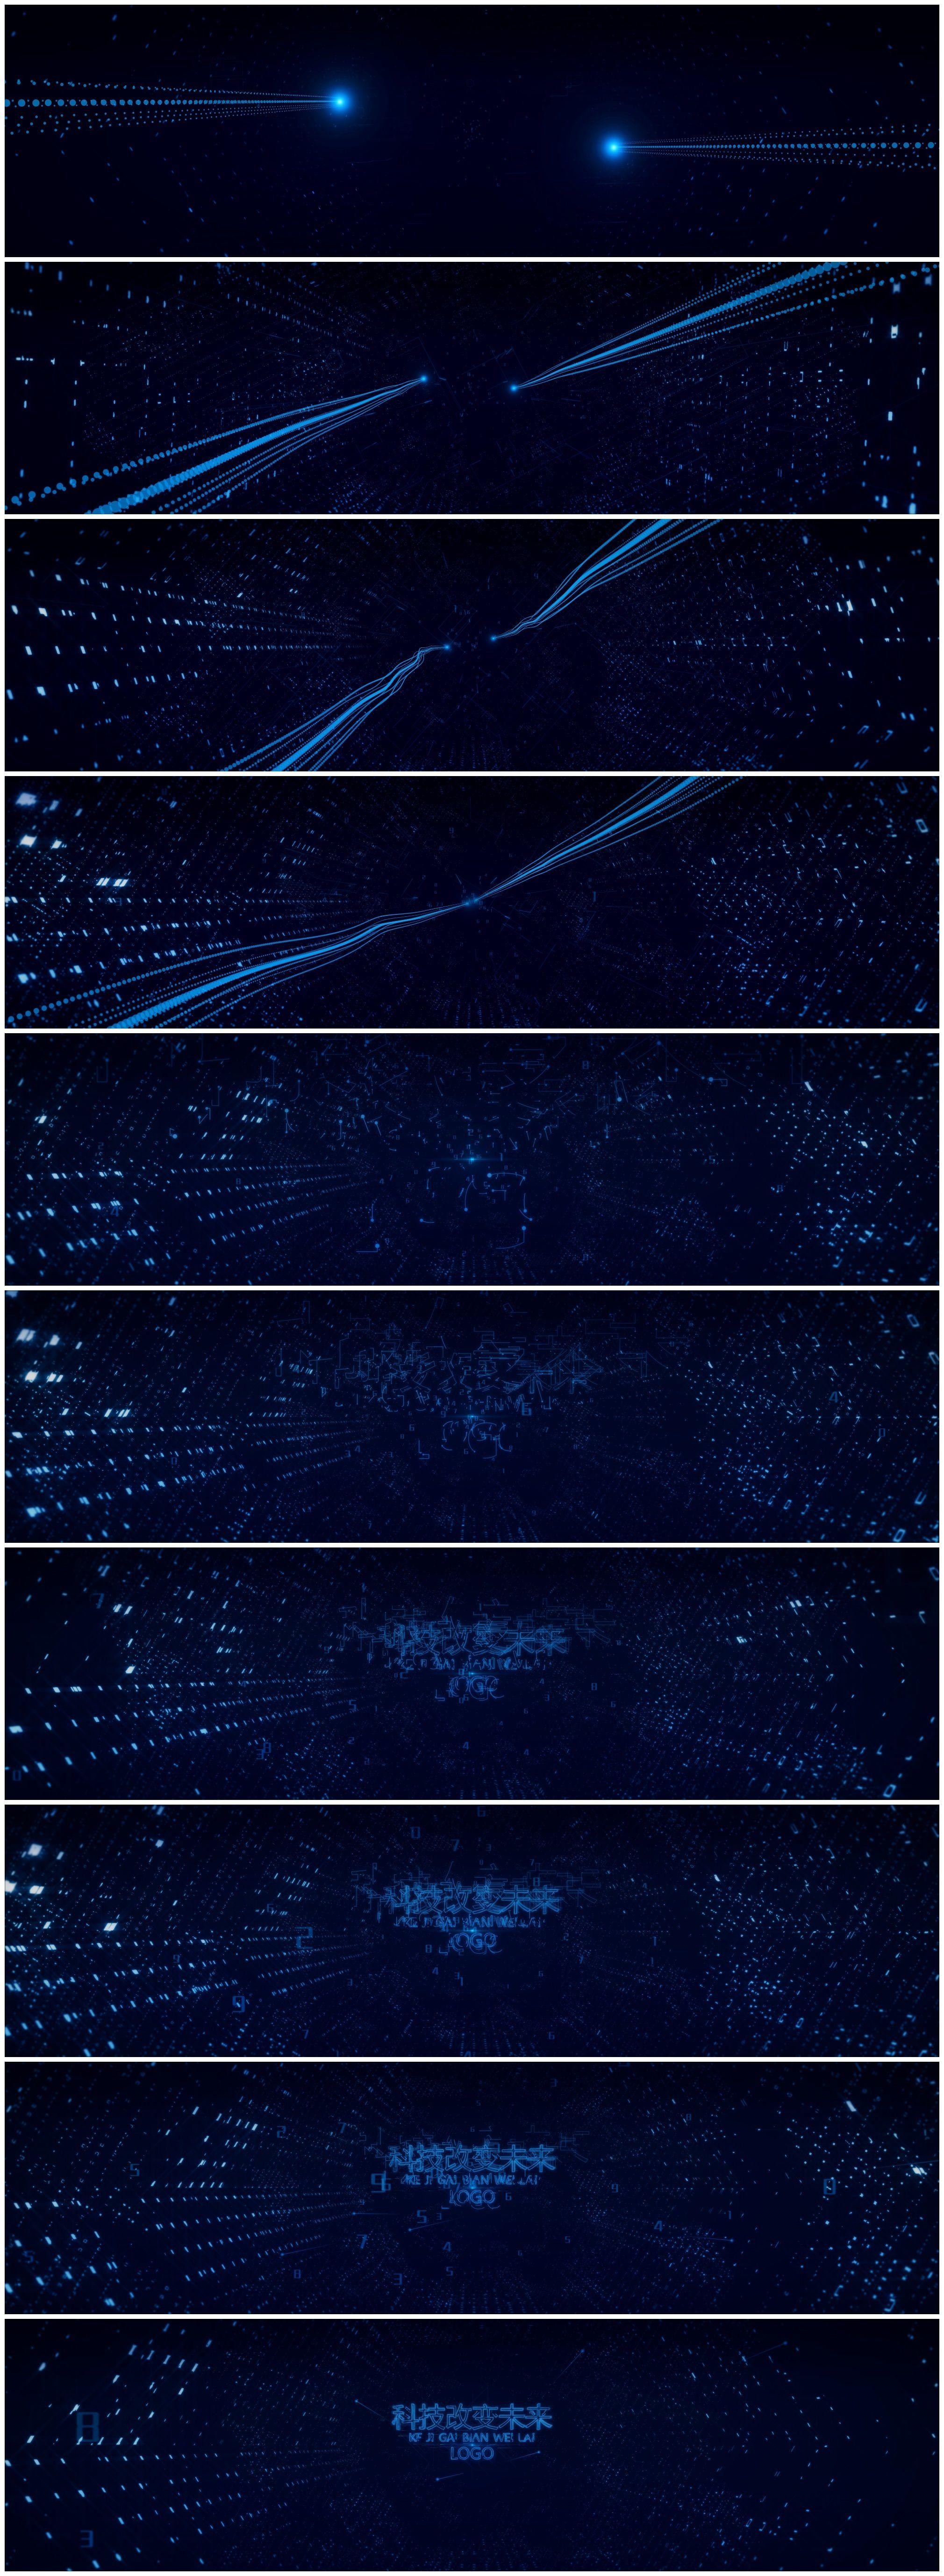 数字空间穿梭粒子线logo